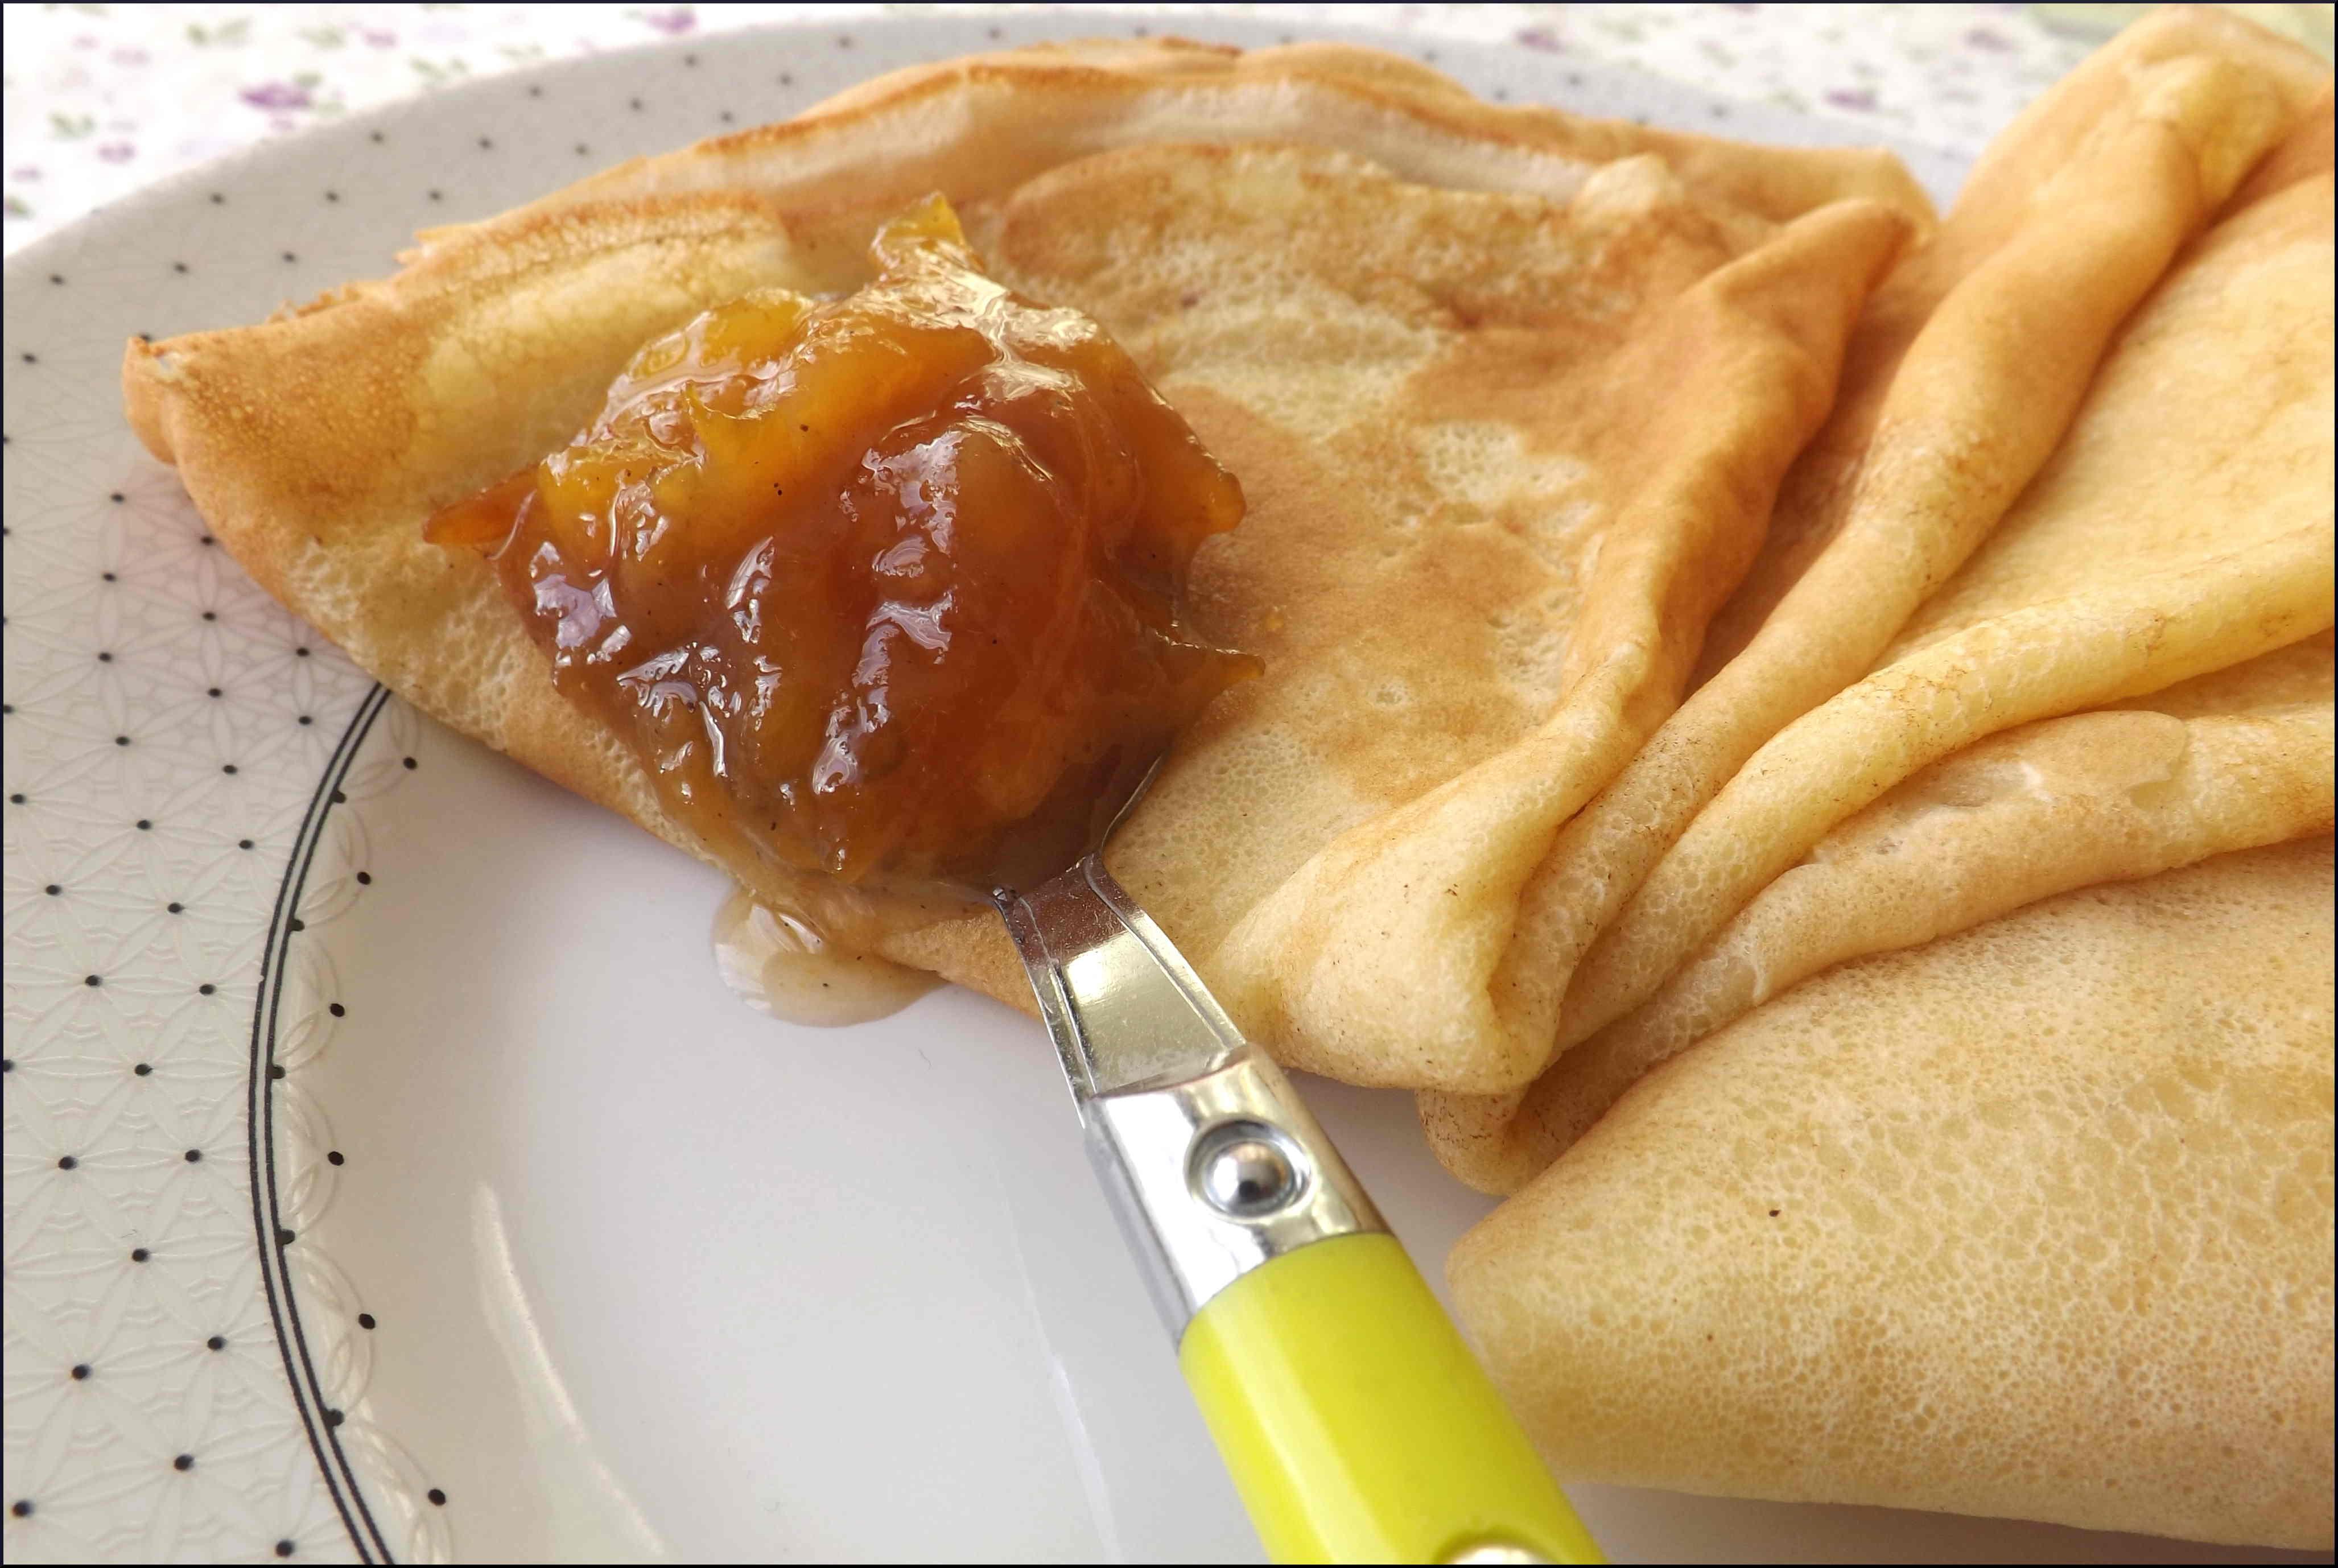 http://ekladata.com/cookinkat.eklablog.com/perso/confiture-mirabelles/DSCF7695.JPG